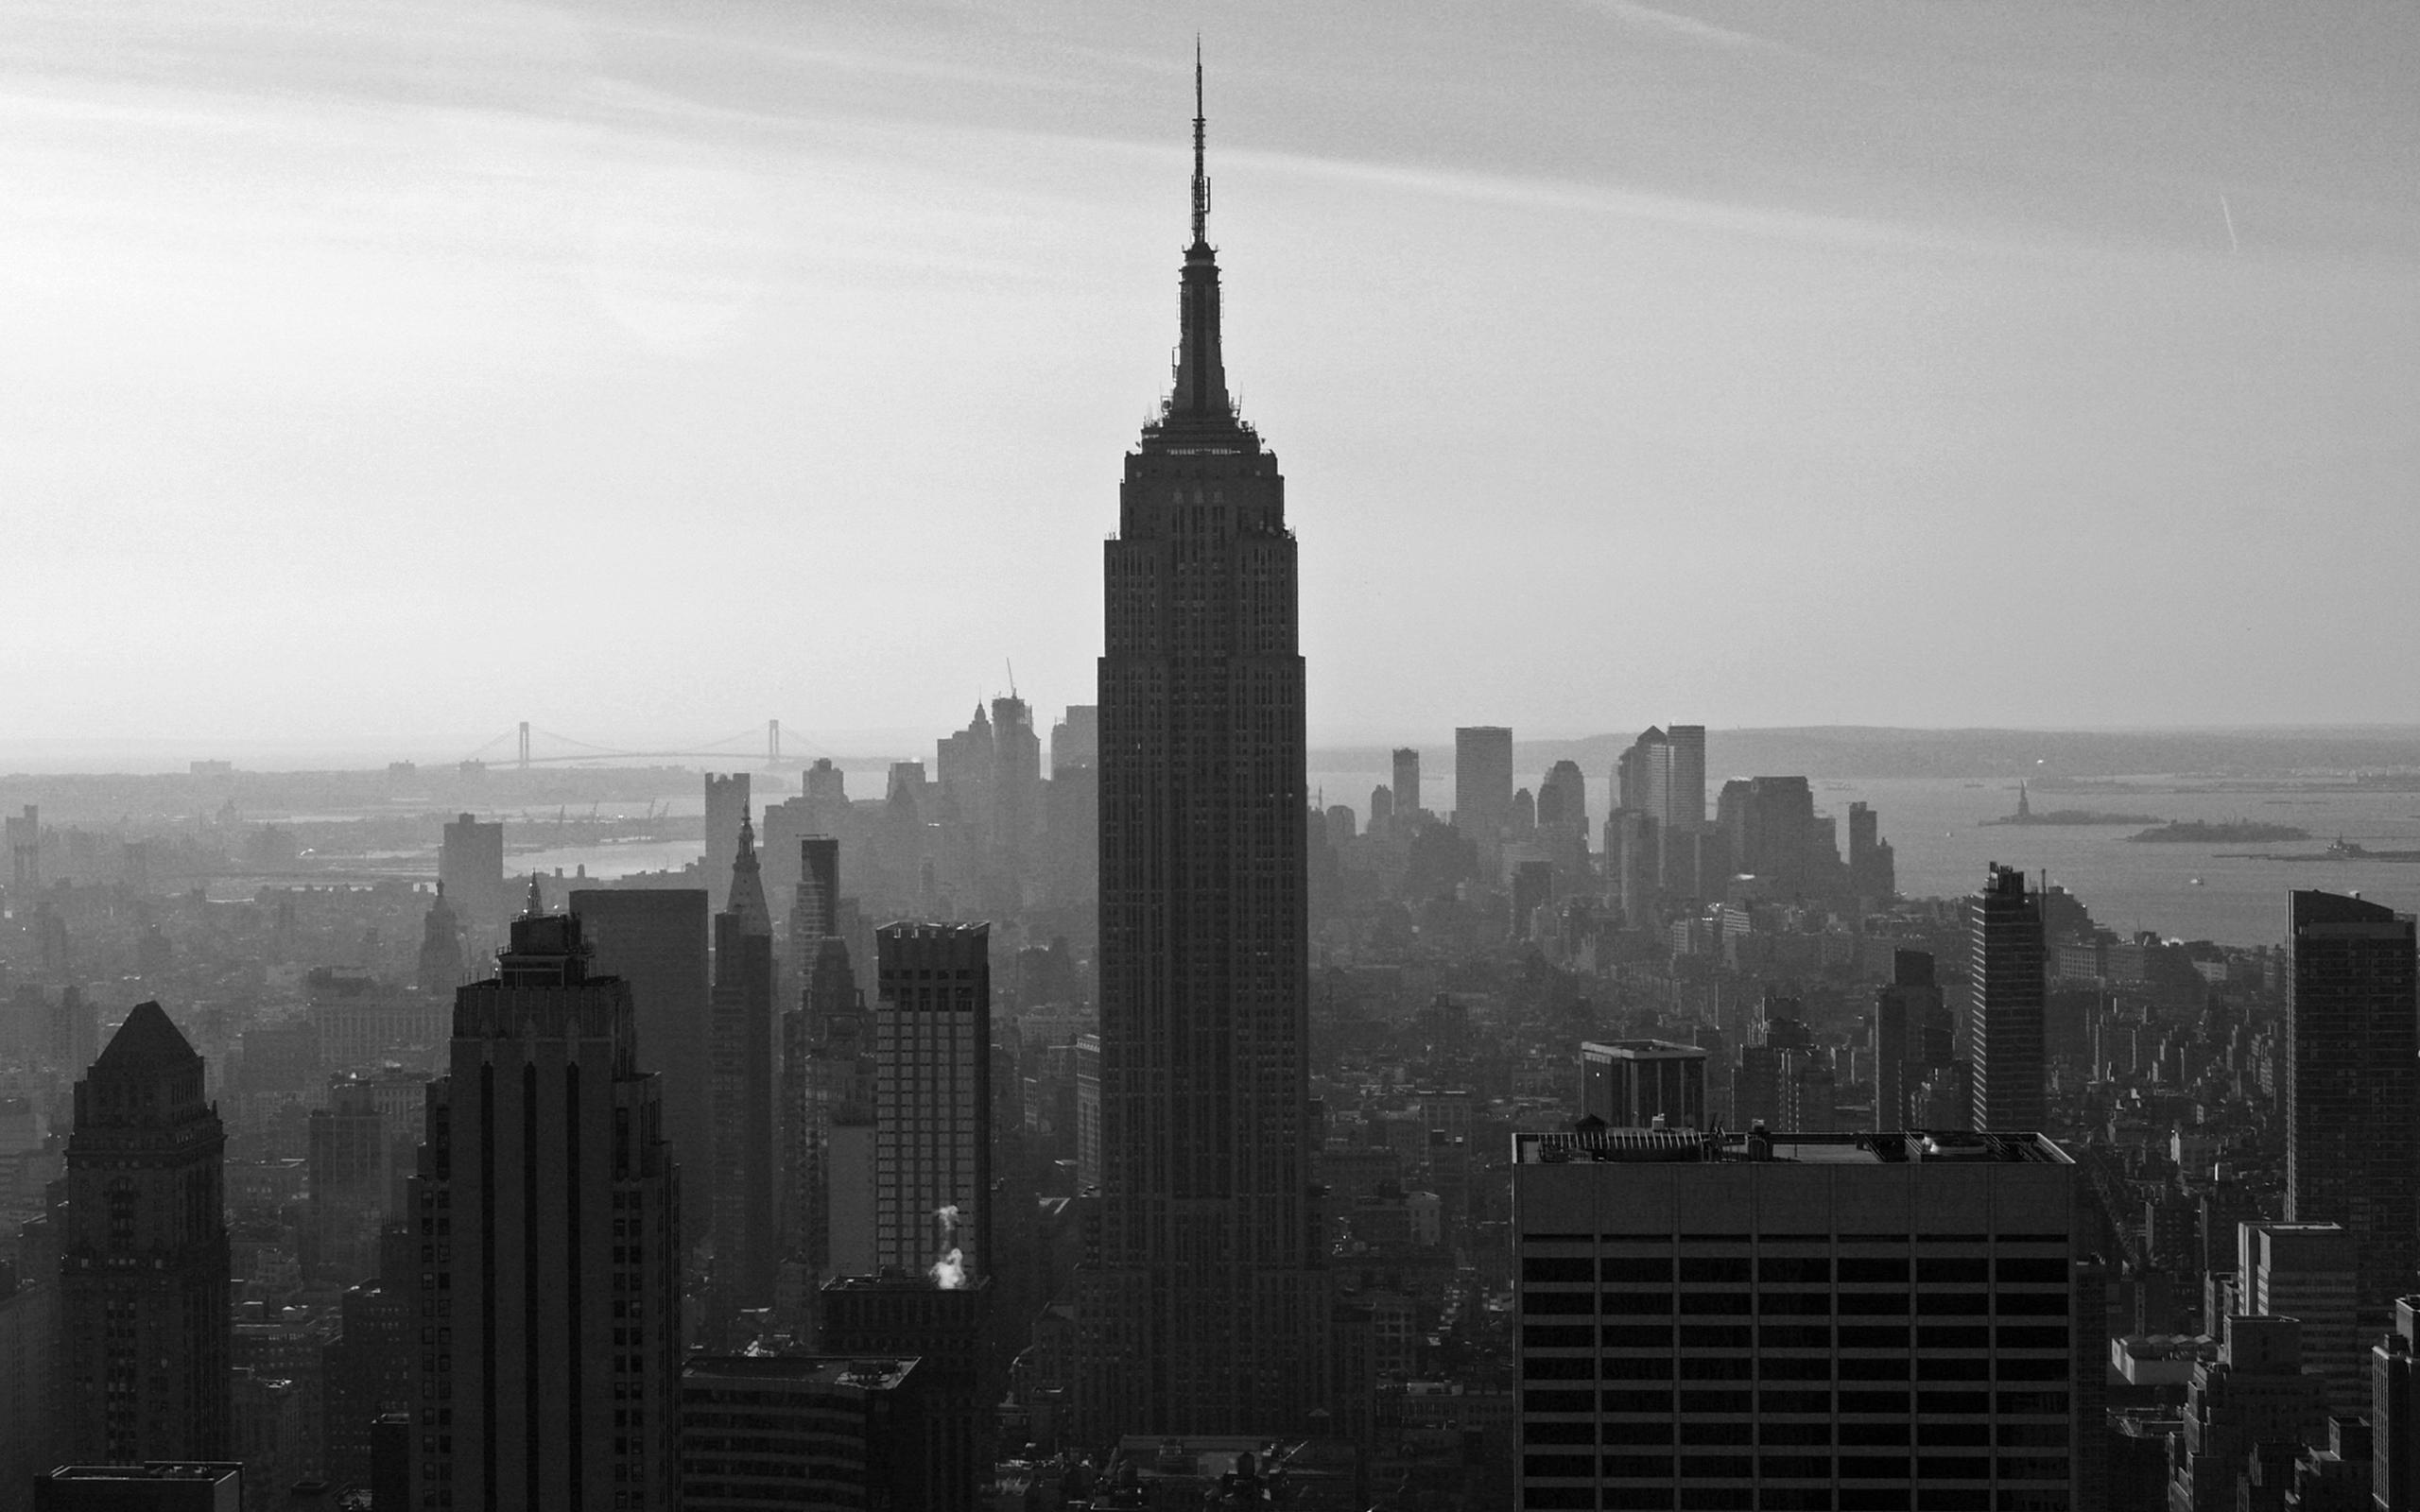 Fondos De Pantalla De Nueva York Wallpapers New York Hd